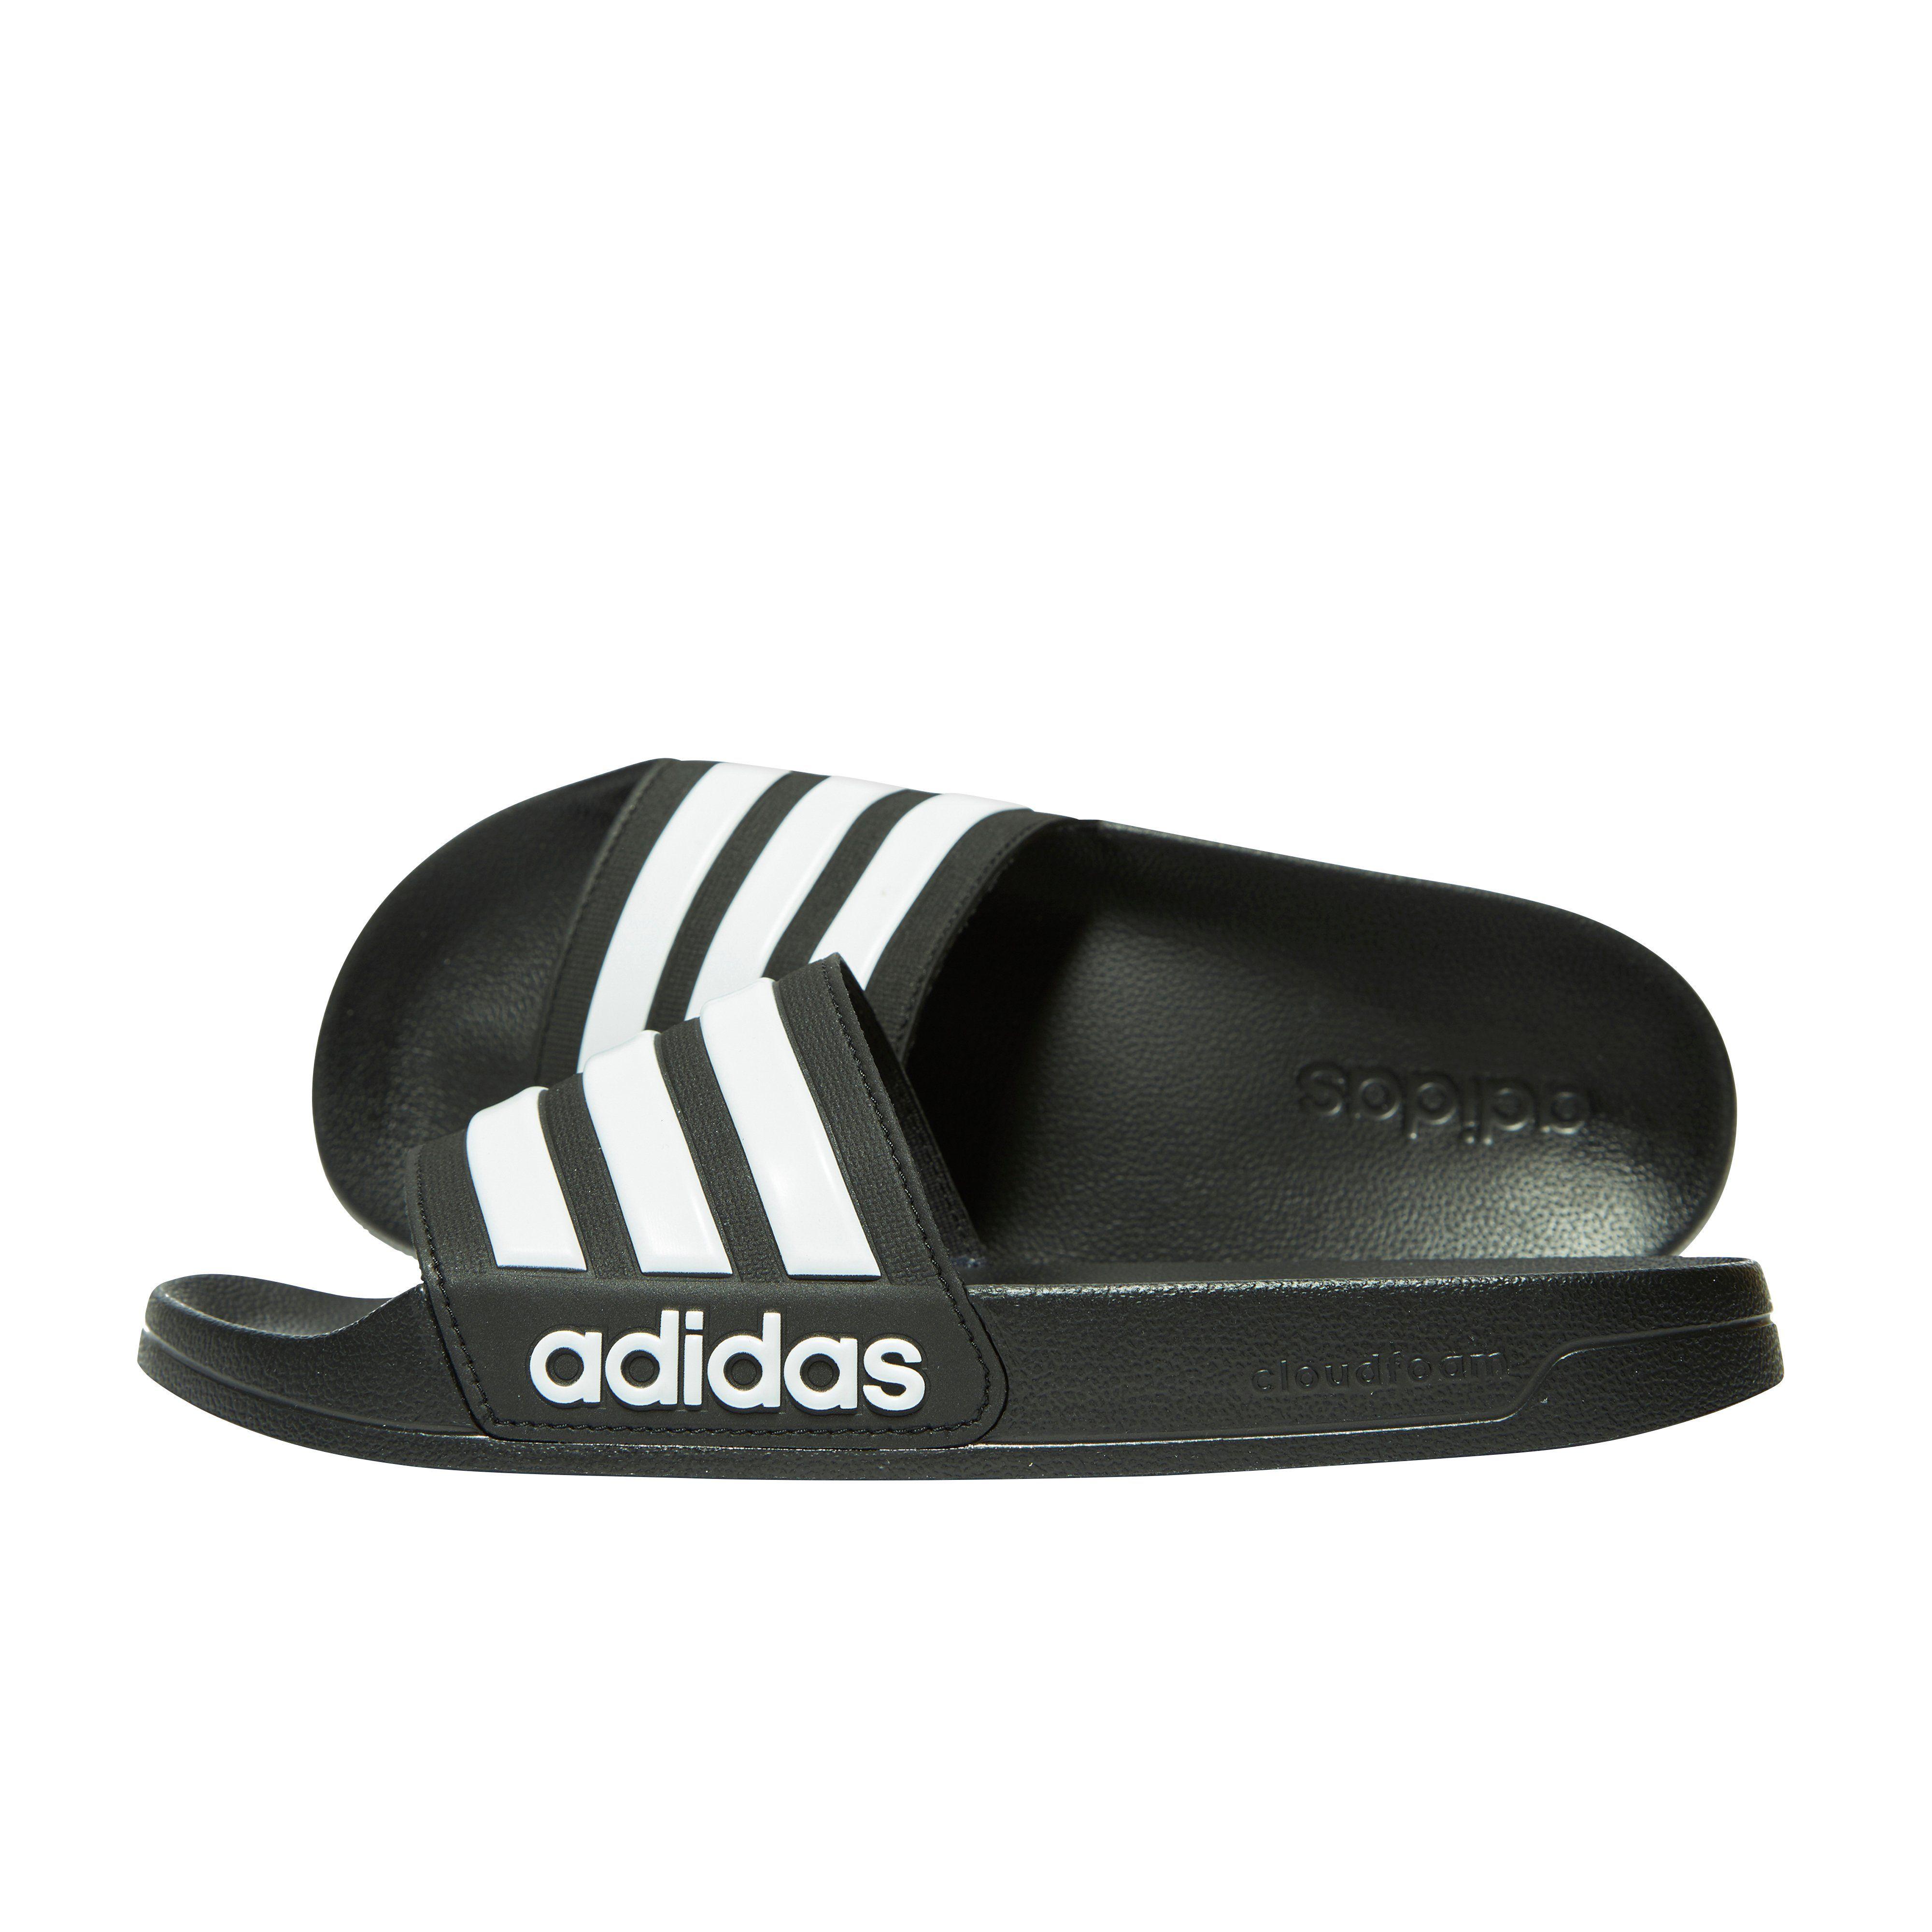 adidas Adilette Cloudfoam Men's Slide Sandals